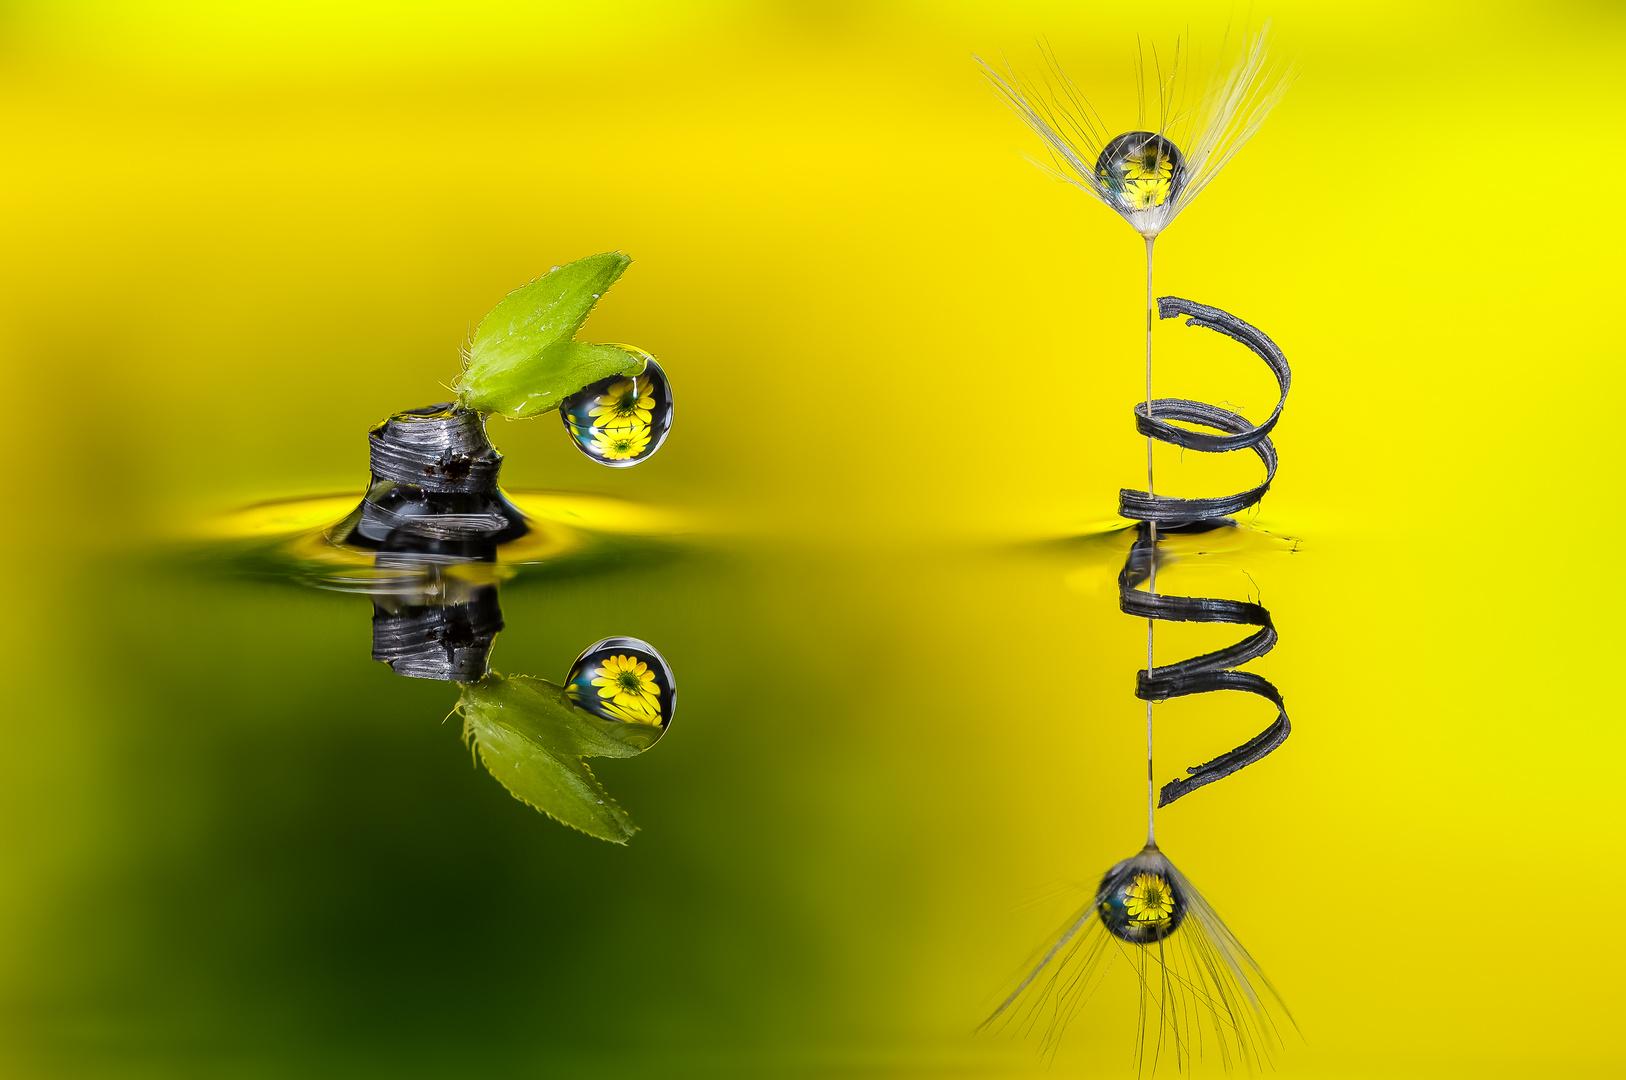 Drops & Flowers gocce e riflessi by Mario Nicorelli con Nikon D300s macro fotografia